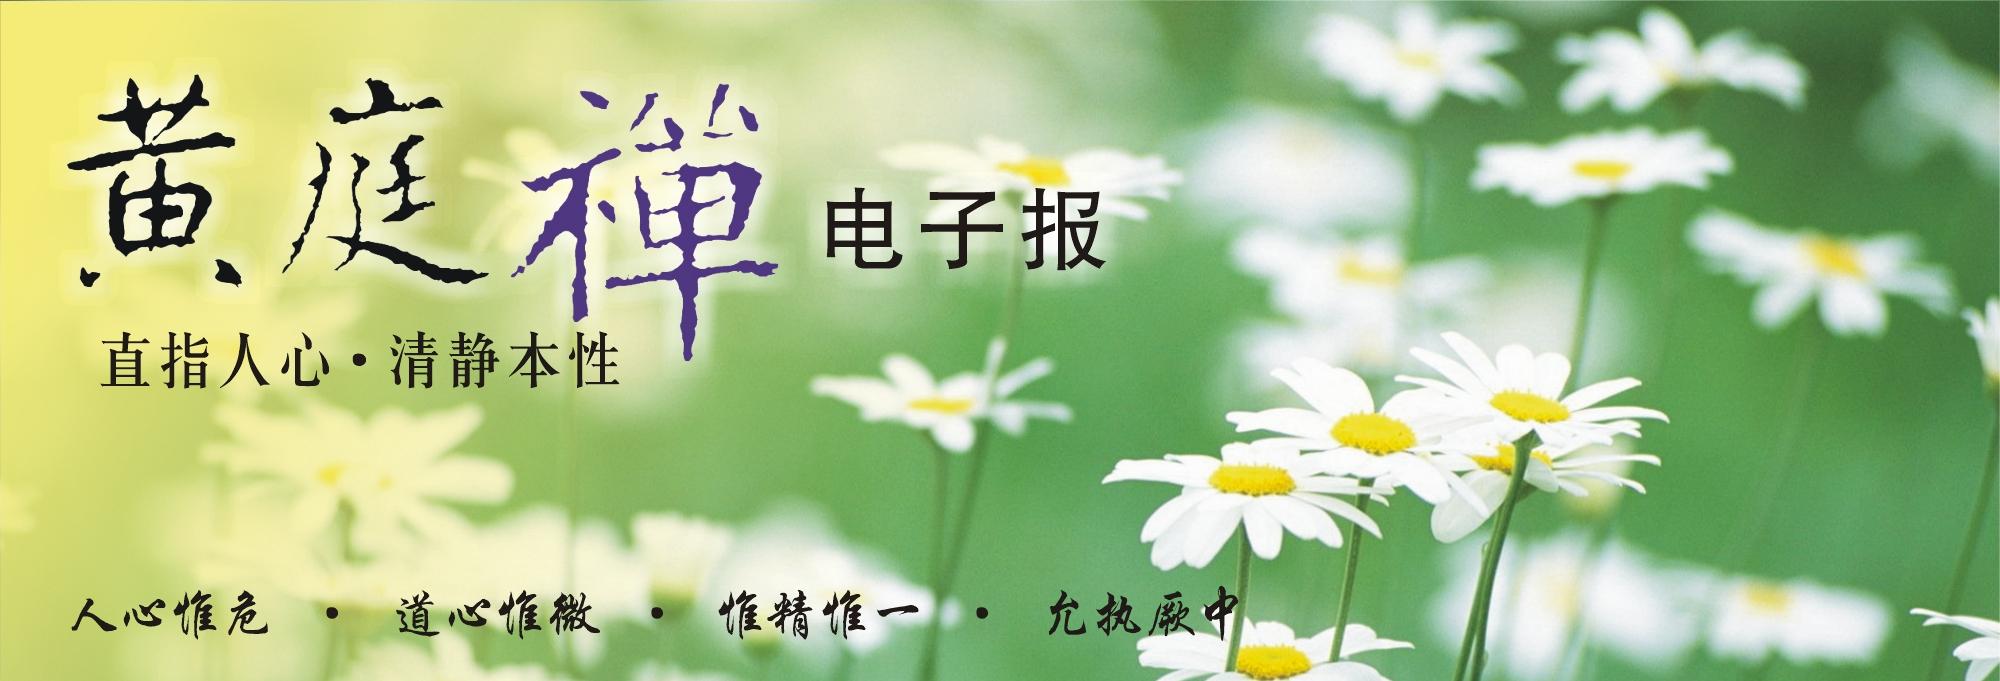 中华黄庭禅学会2014.07.21电子报